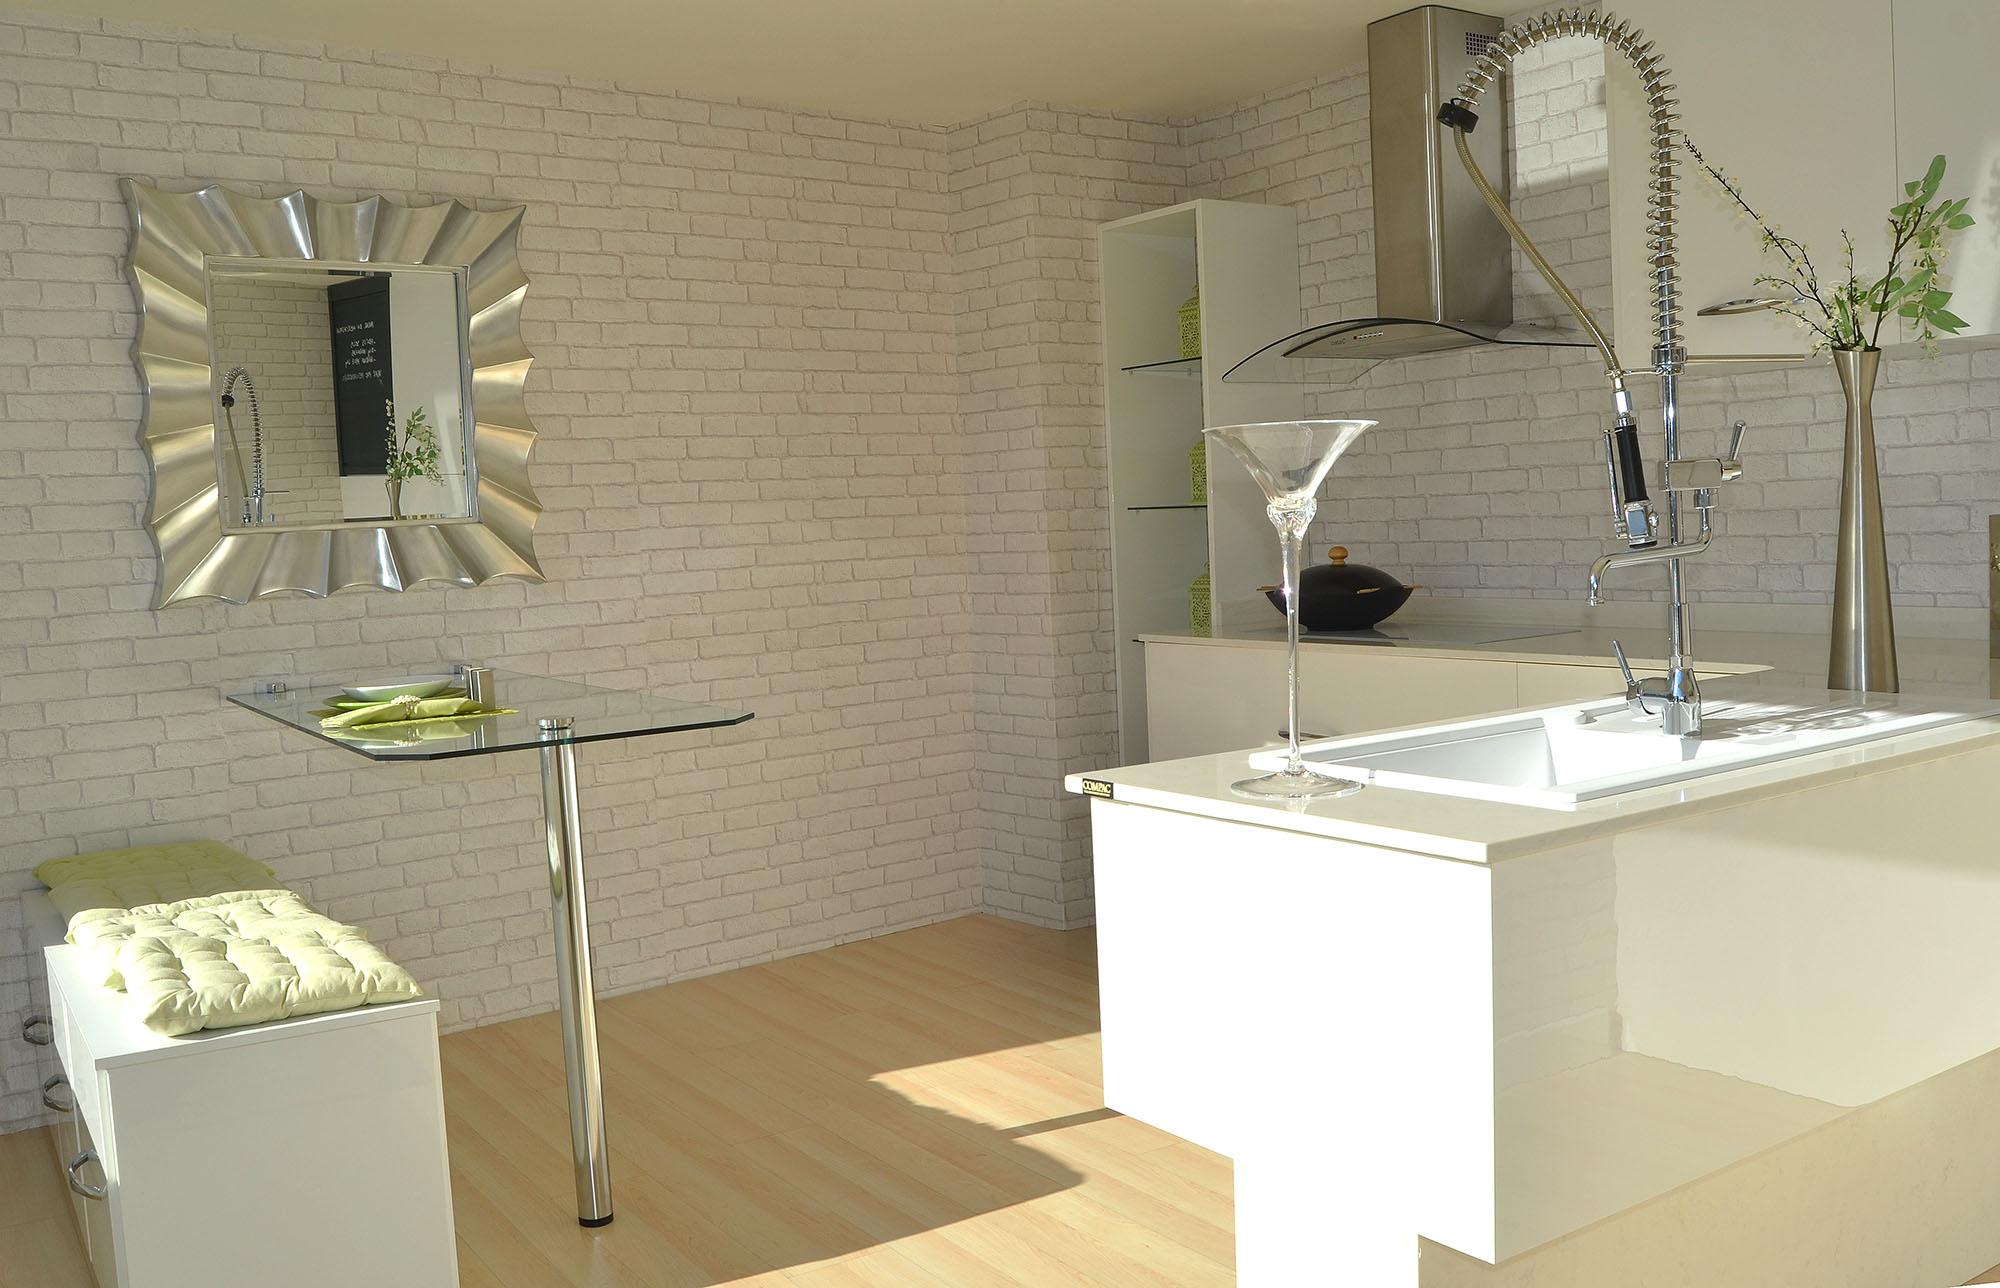 Nuestras cocinas elegantes05 josman hermanos tienda de for Cocinas y banos modernos